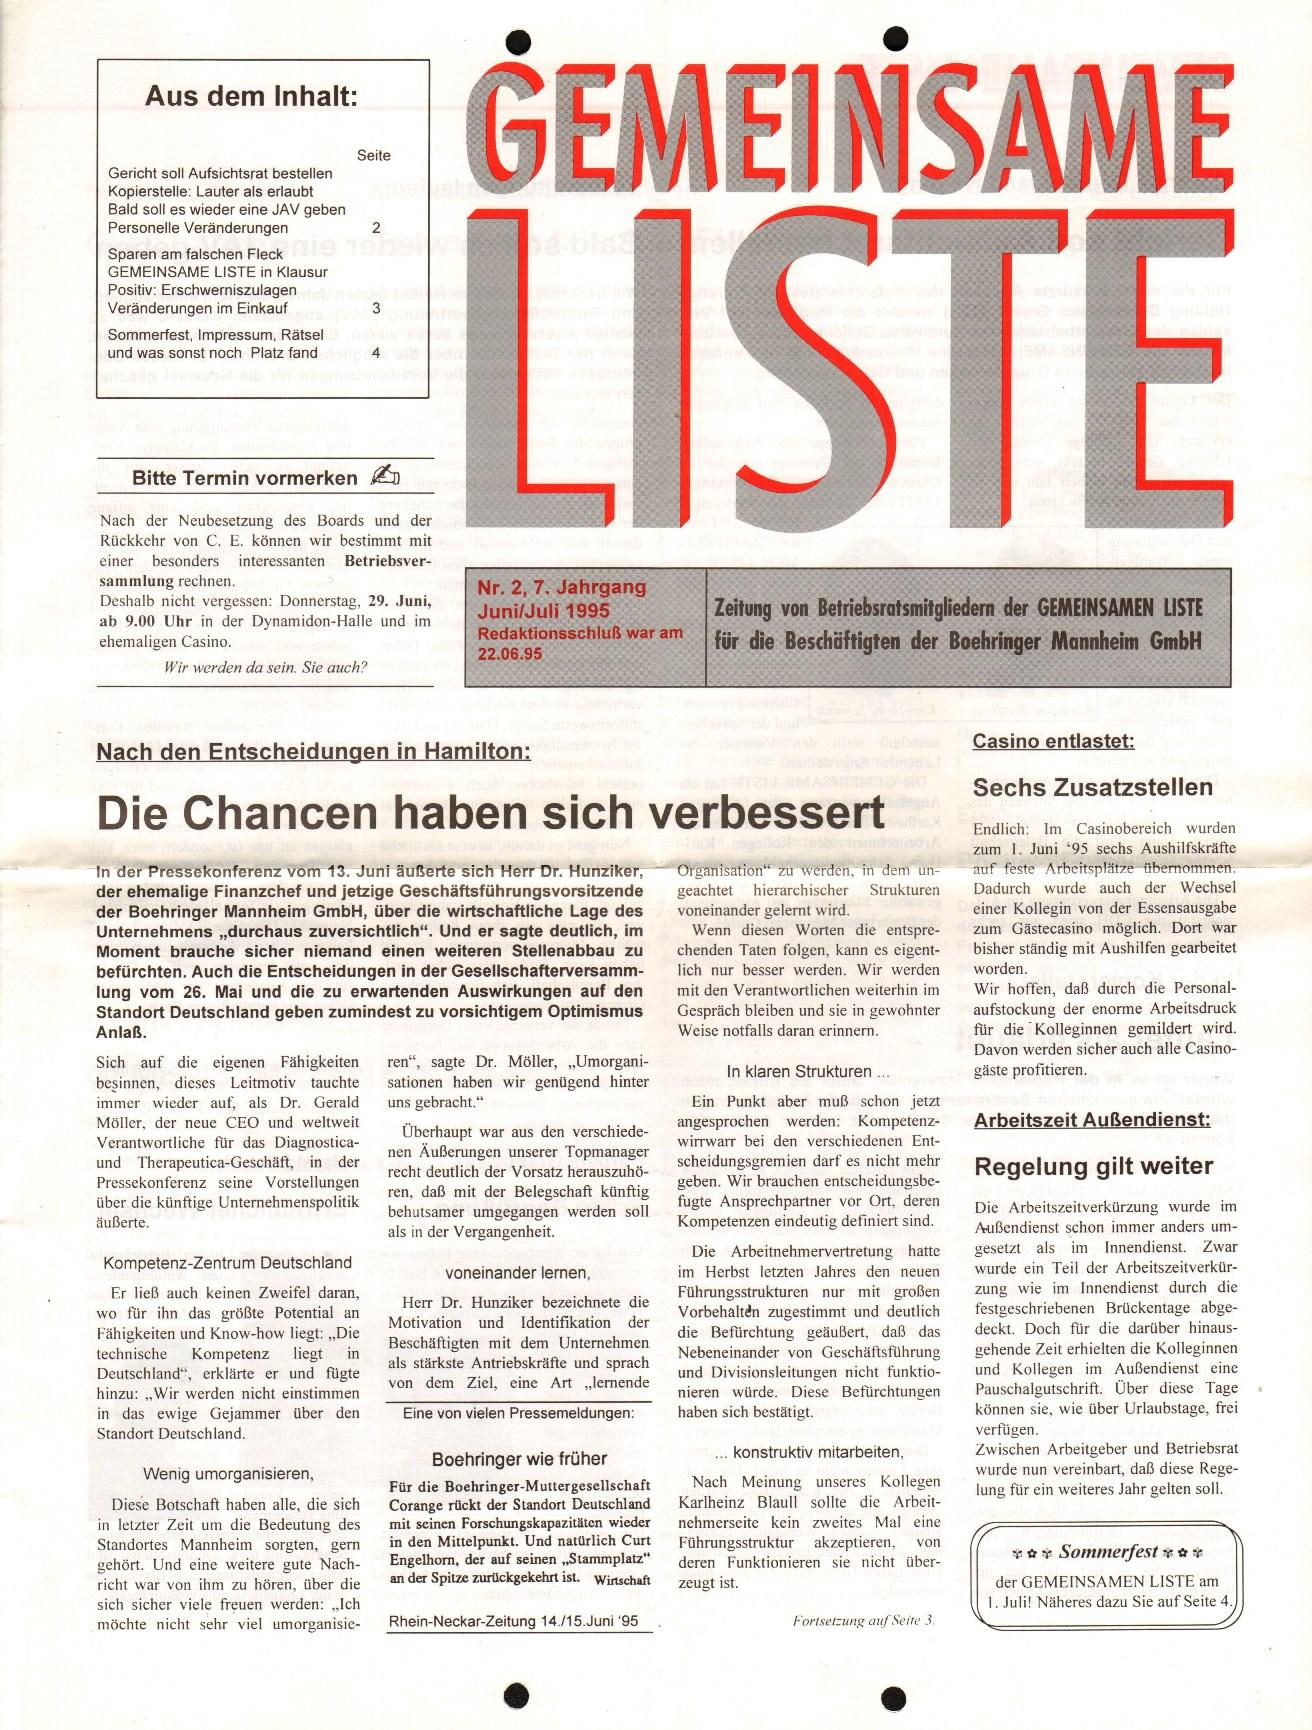 Mannheim_Boehringer_Gemeinsame_Liste_1995_02_01